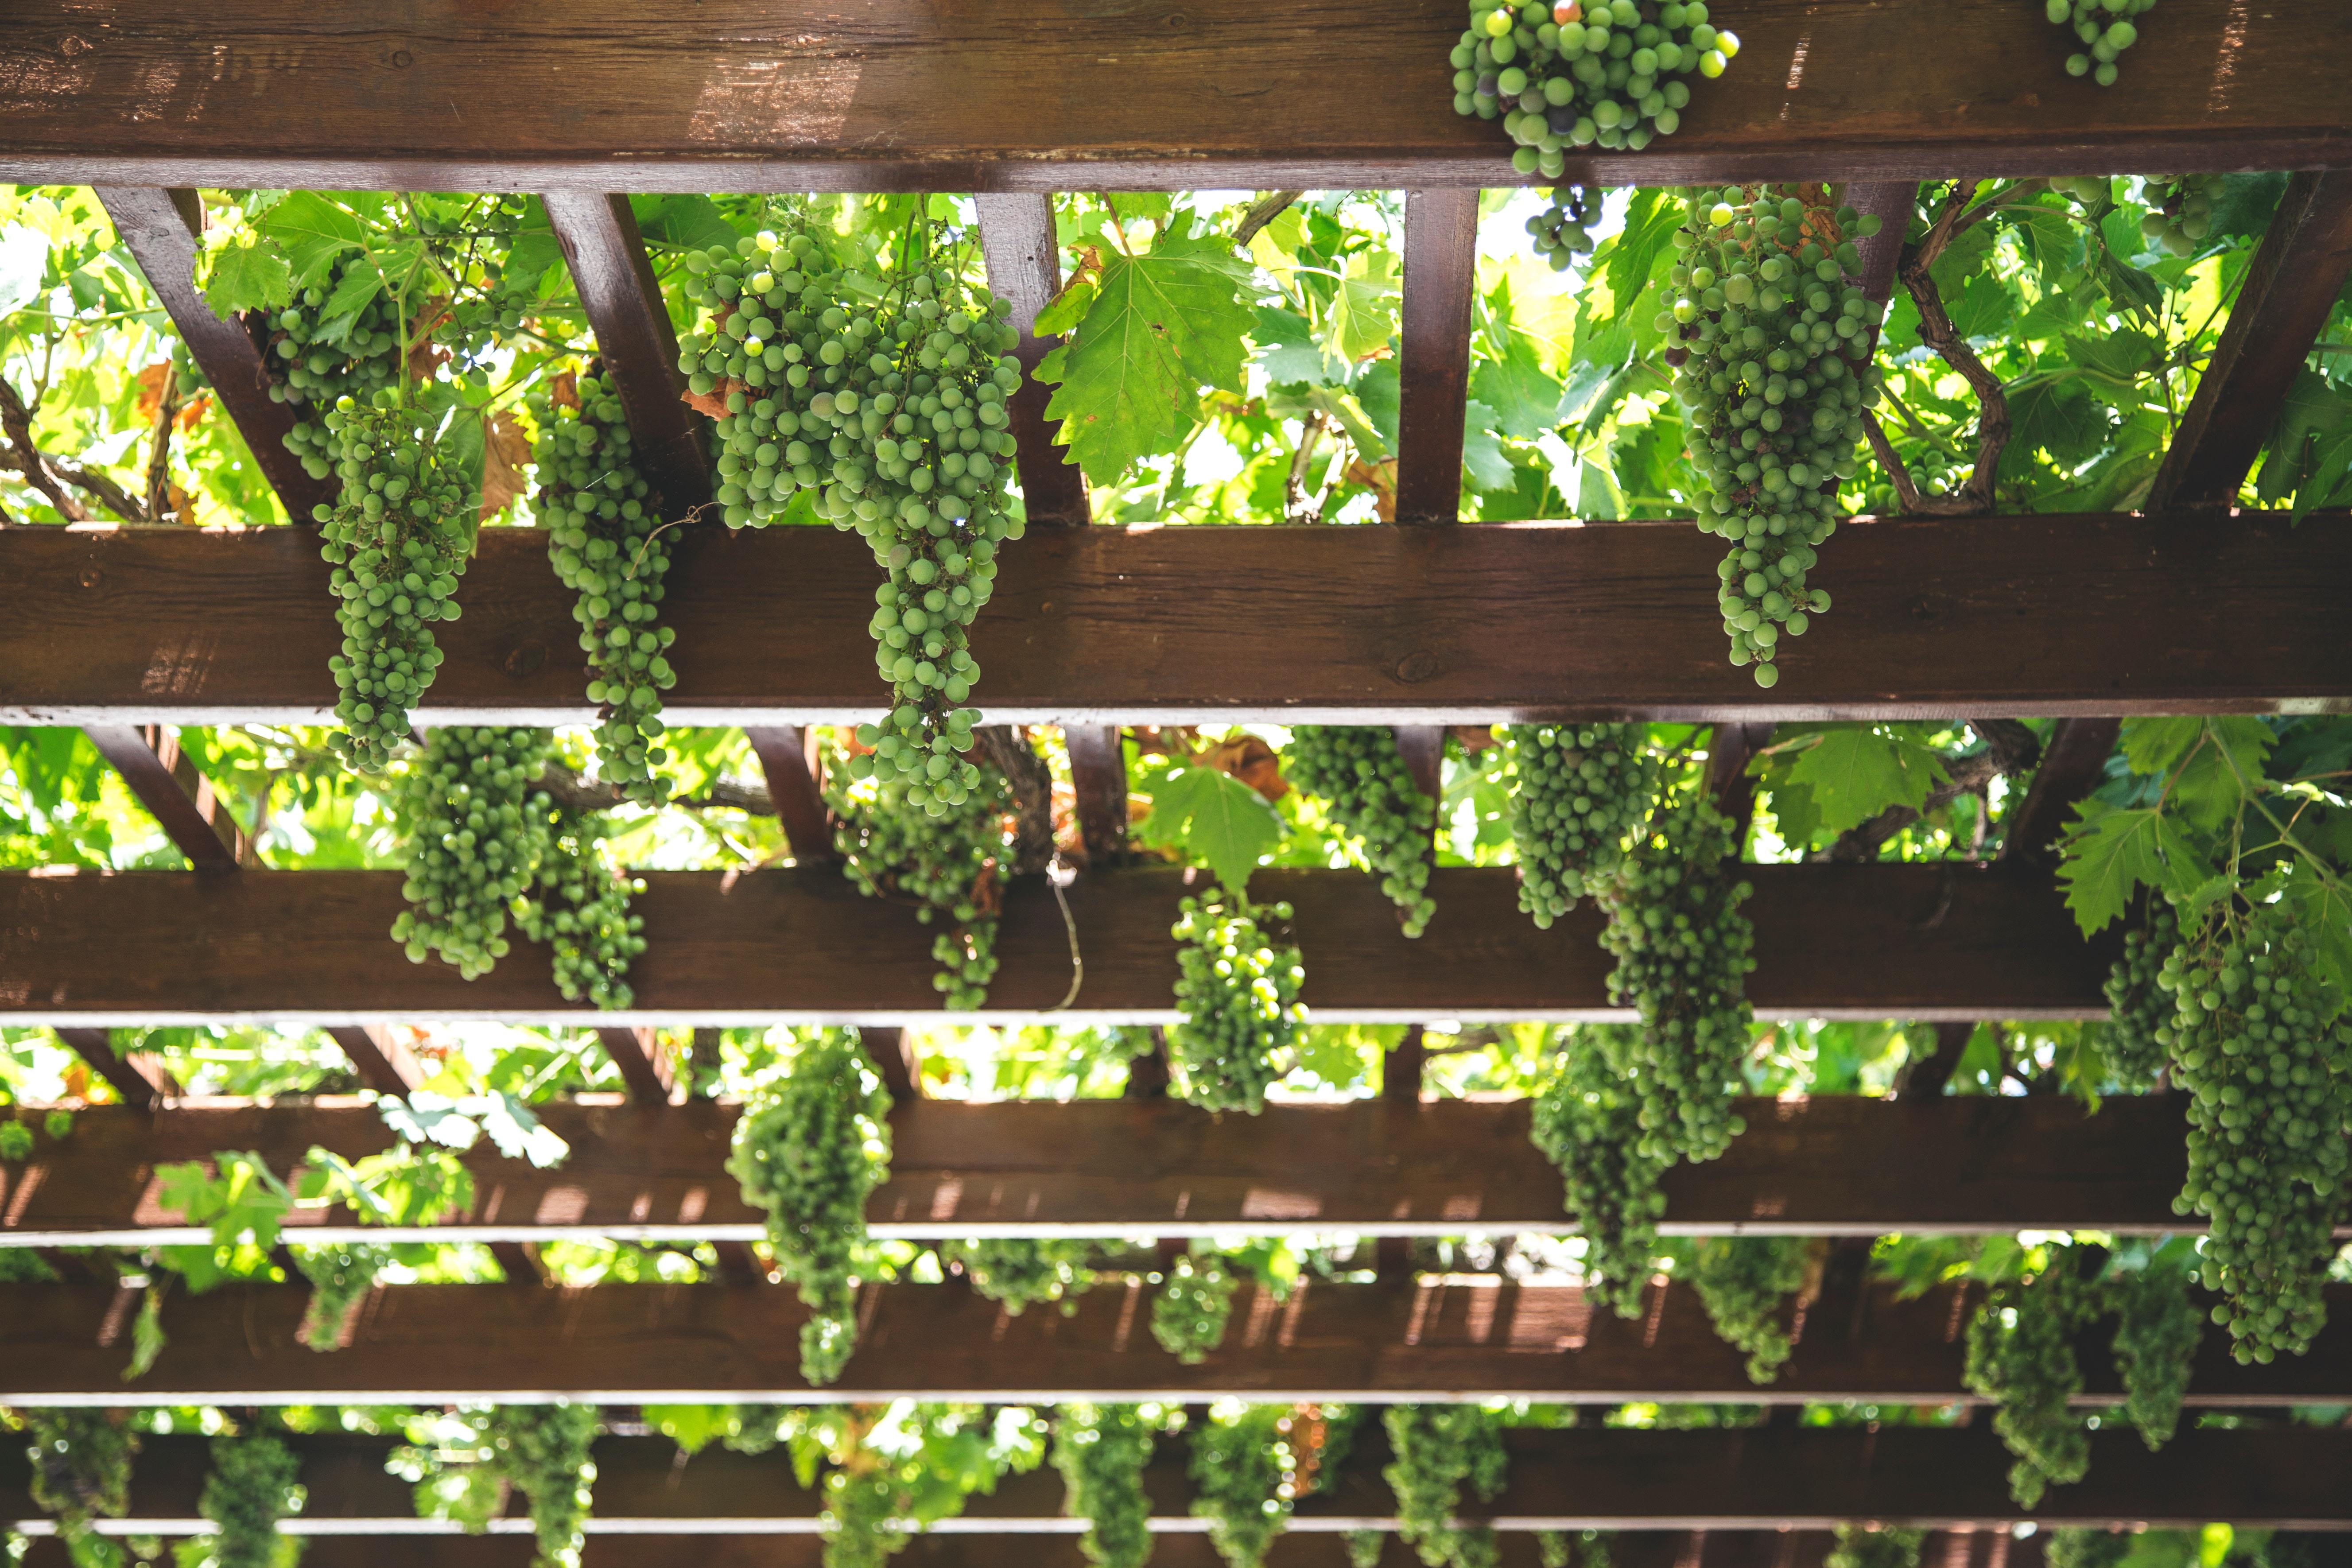 green grapes hanging onwooden frame